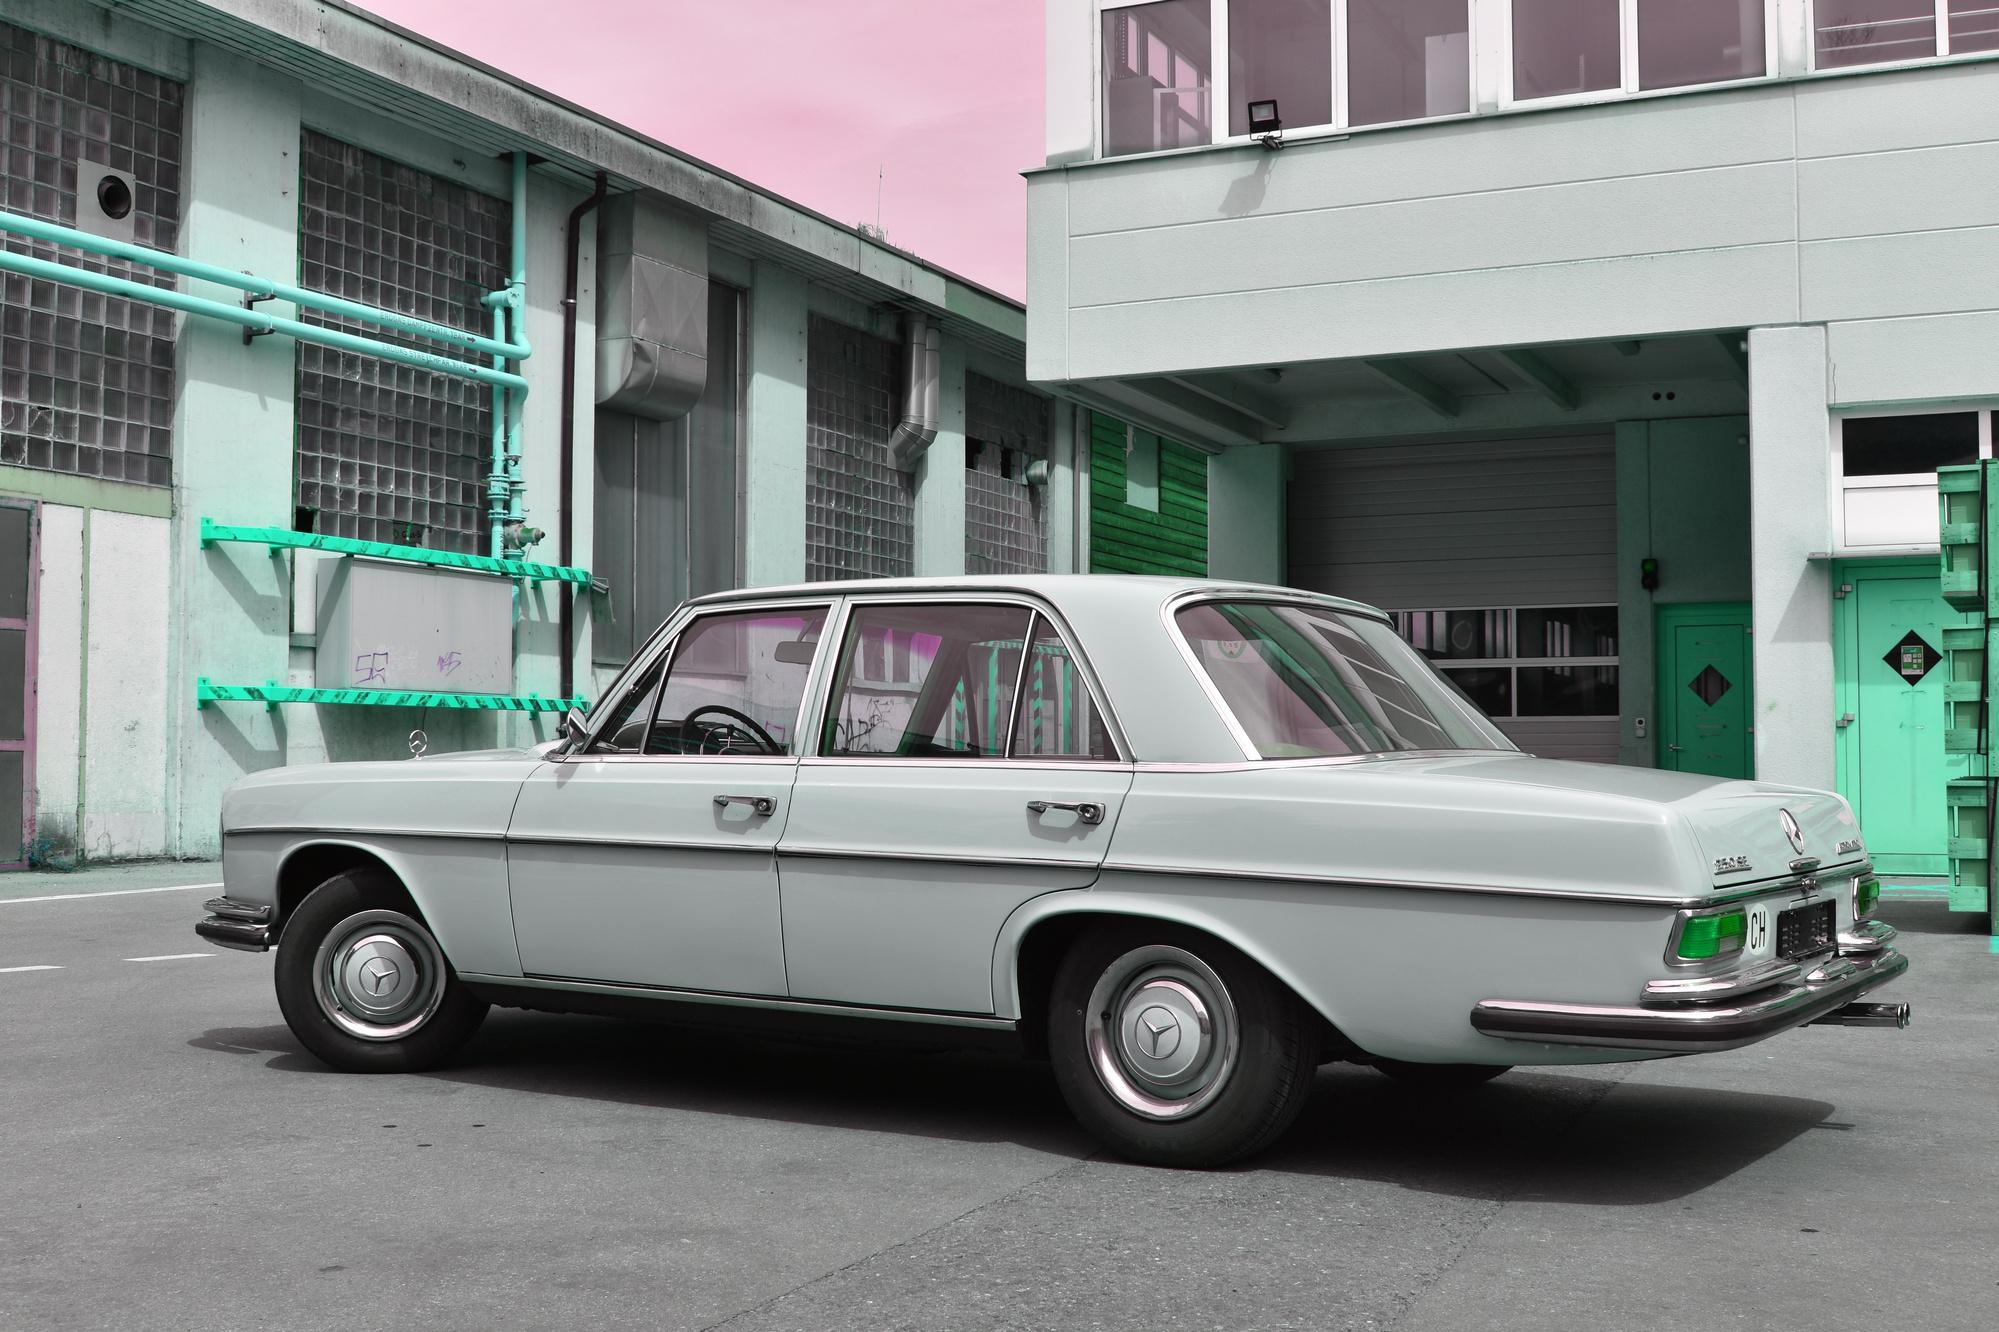 Ein Mercedes 250SE Veteranenfahrzeug in der Farbe hellbeige aus dem Jahre 1966 in Seitenansicht vor einem alten Industriegebäude